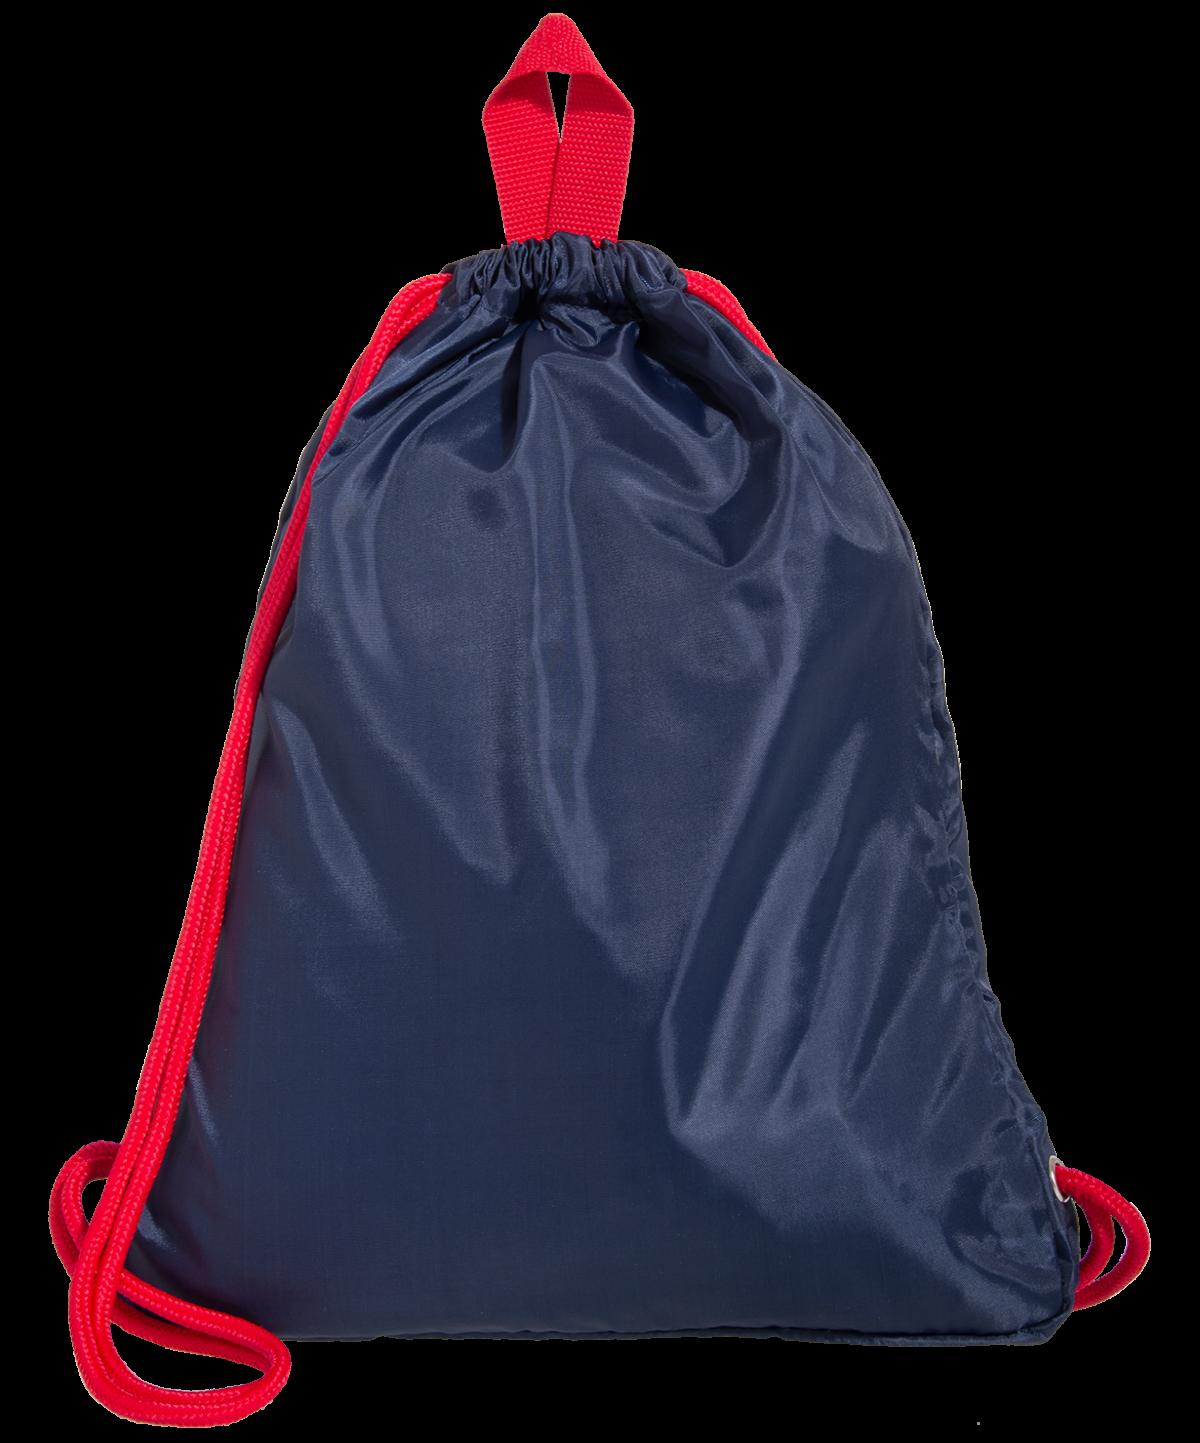 JOGEL Мешок для обуви  JGS-1904: синий/красный - 2